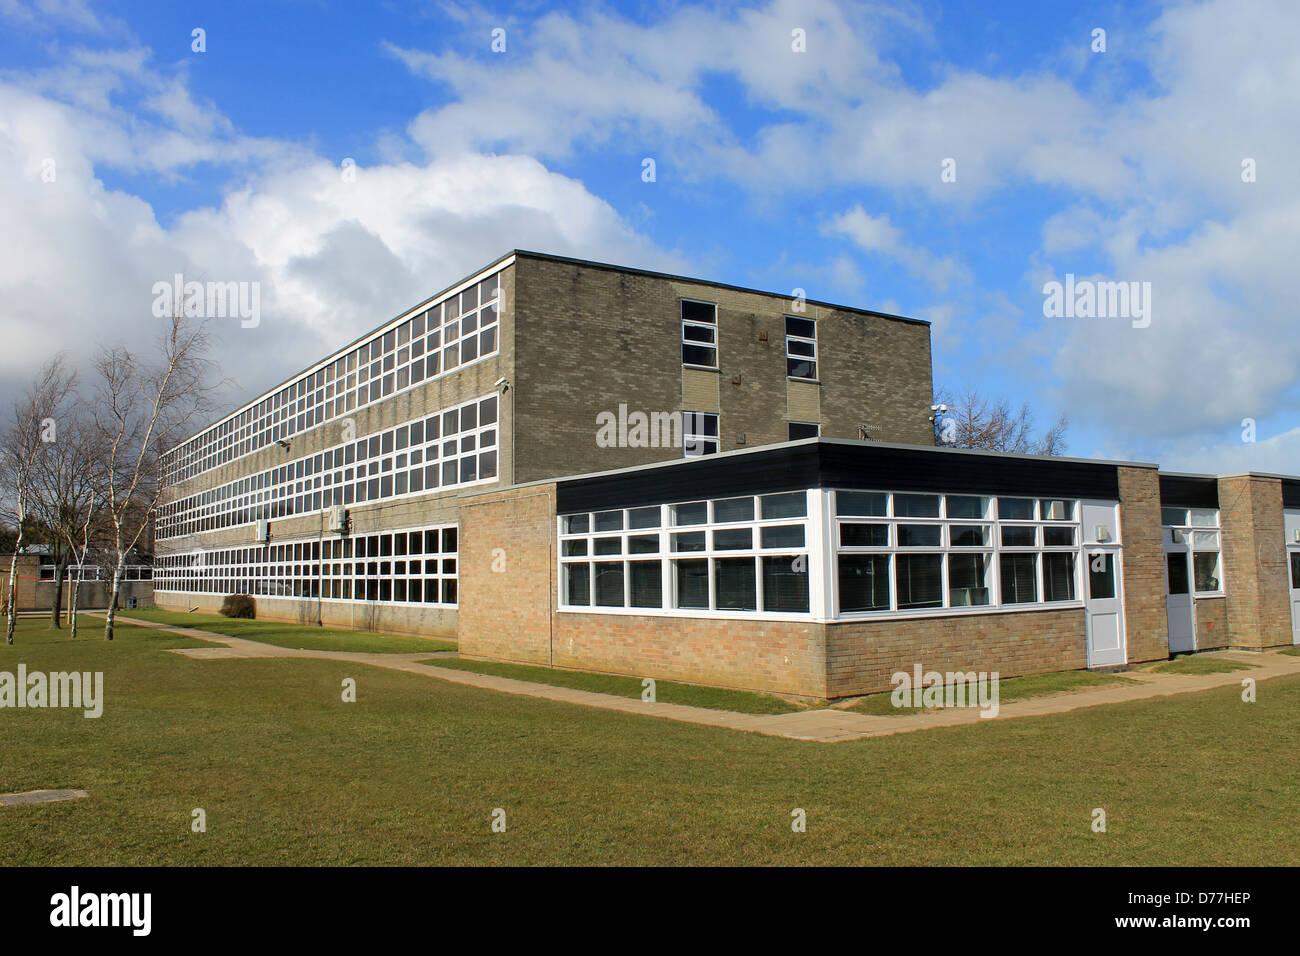 Exterieur des englischen Gymnasium Gebäude, Scarborough. Stockbild